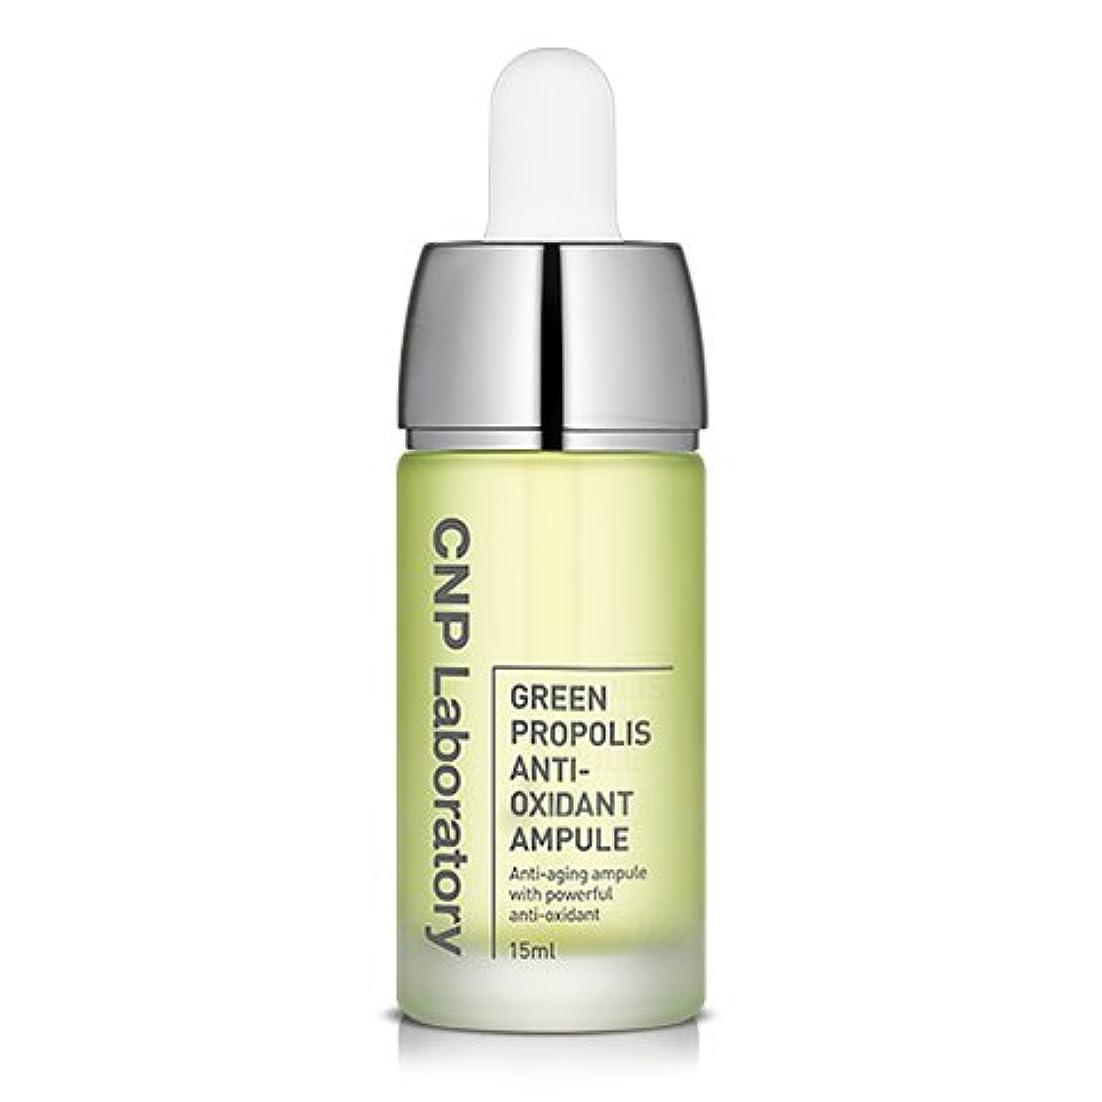 寸前傾向がある干渉するCNP Laboratory グリーンプロポリス酸化防止剤アンプル/Green Propolis Anti-Oxidant Ampule 15ml [並行輸入品]